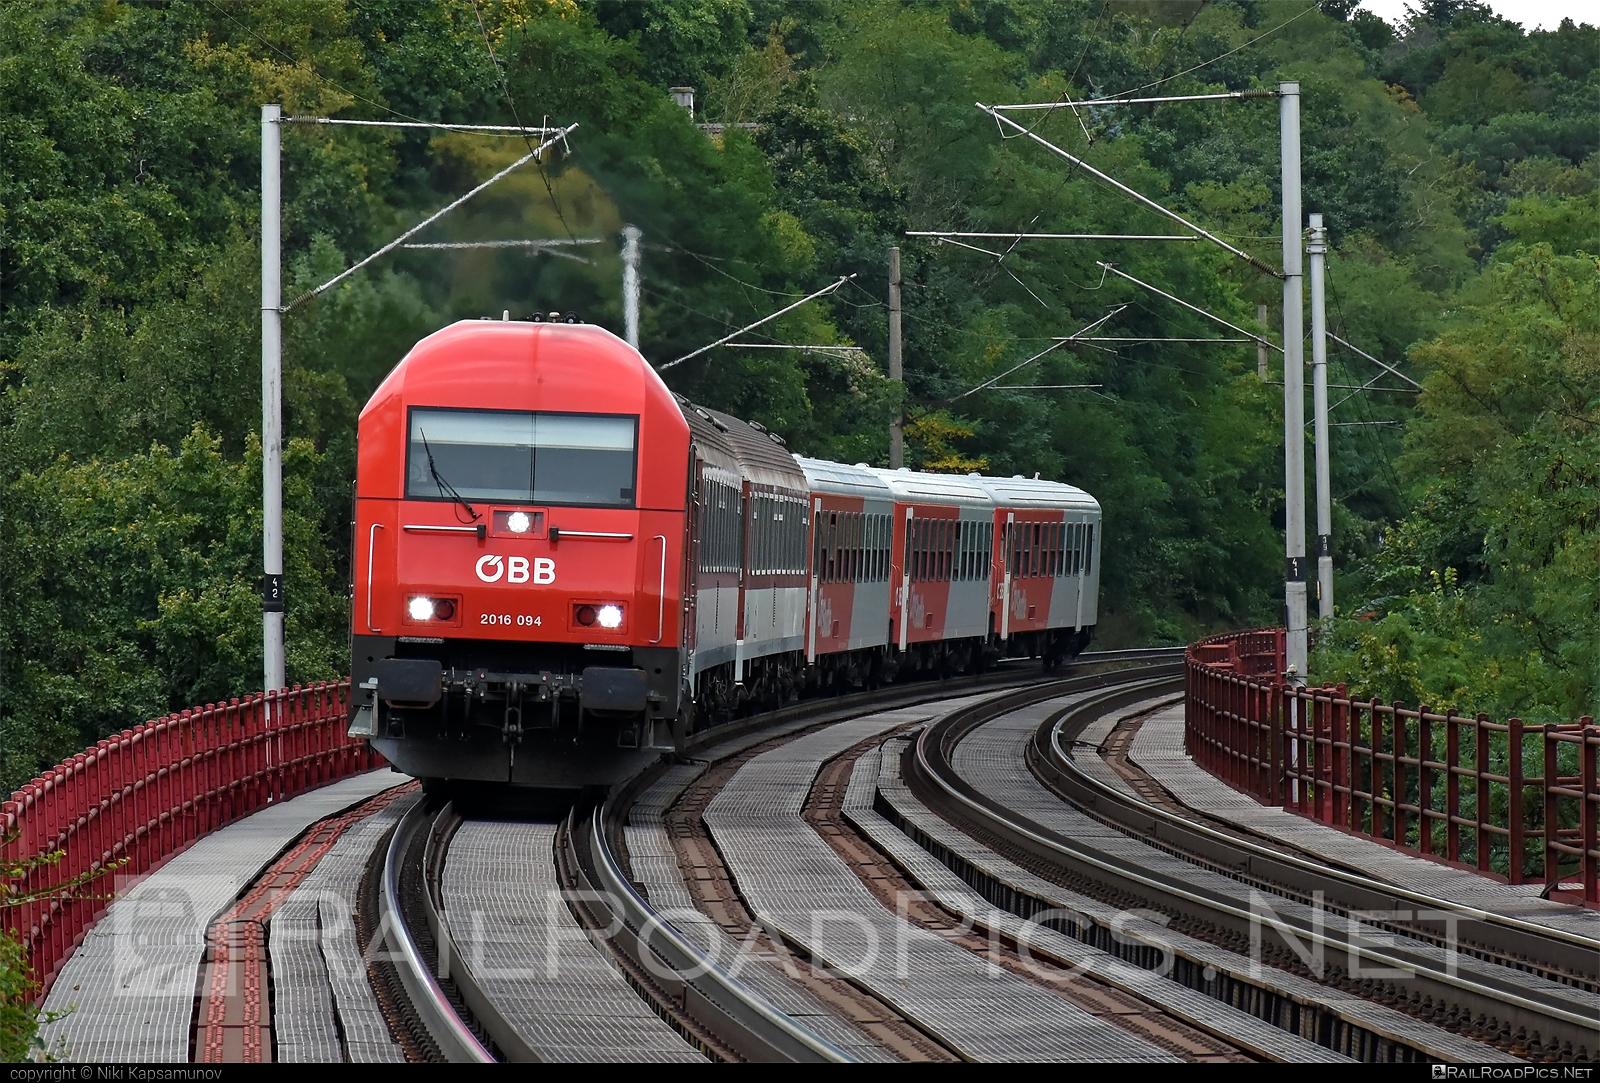 Siemens ER20 - 2016 094 operated by Österreichische Bundesbahnen #er20 #er20hercules #eurorunner #hercules #obb #osterreichischebundesbahnen #siemens #siemenser20 #siemenser20hercules #siemenseurorunner #siemenshercules